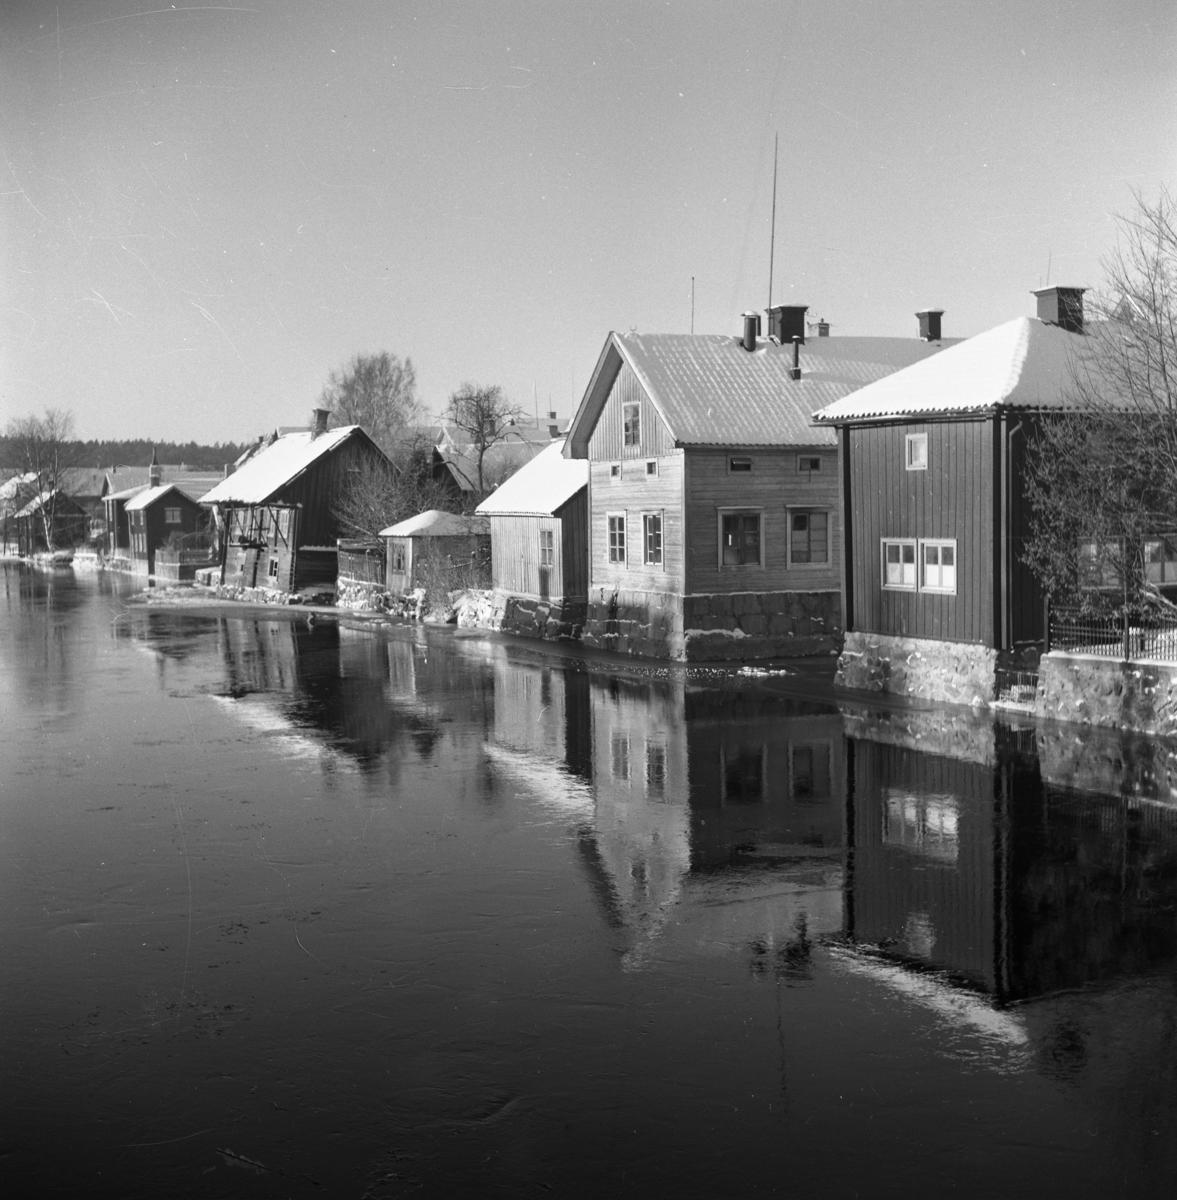 """Vintermotiv. Ågårdag på Västerlånggatan, Arbogaåns norra sida. Det är snö på taken. (""""Lutande huset"""" revs i april 1969)"""